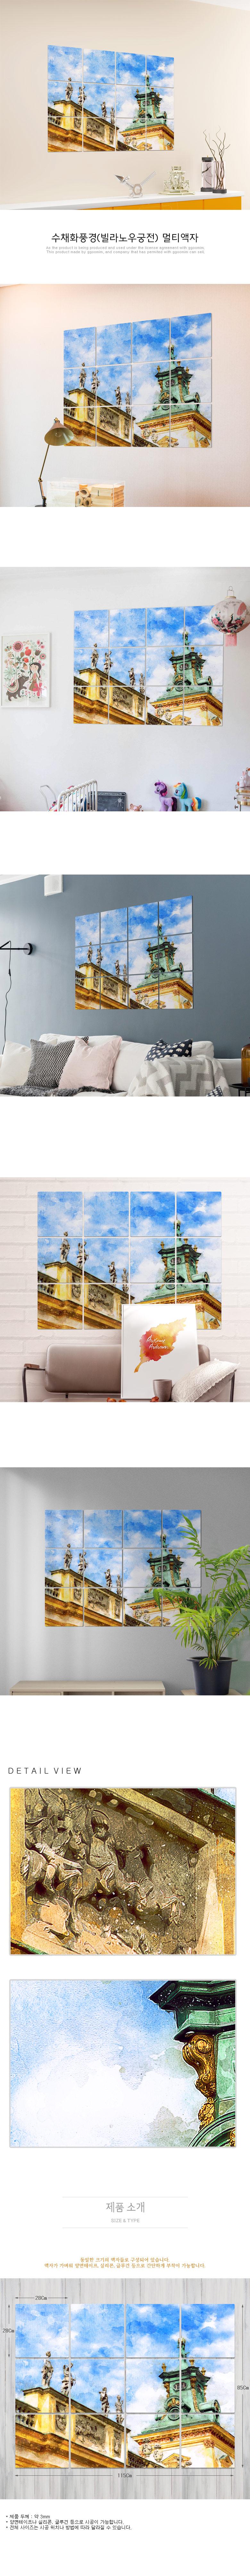 멀티액자_수채화풍경(빌로노우궁전) - 꾸밈, 74,000원, 홈갤러리, 사진아트